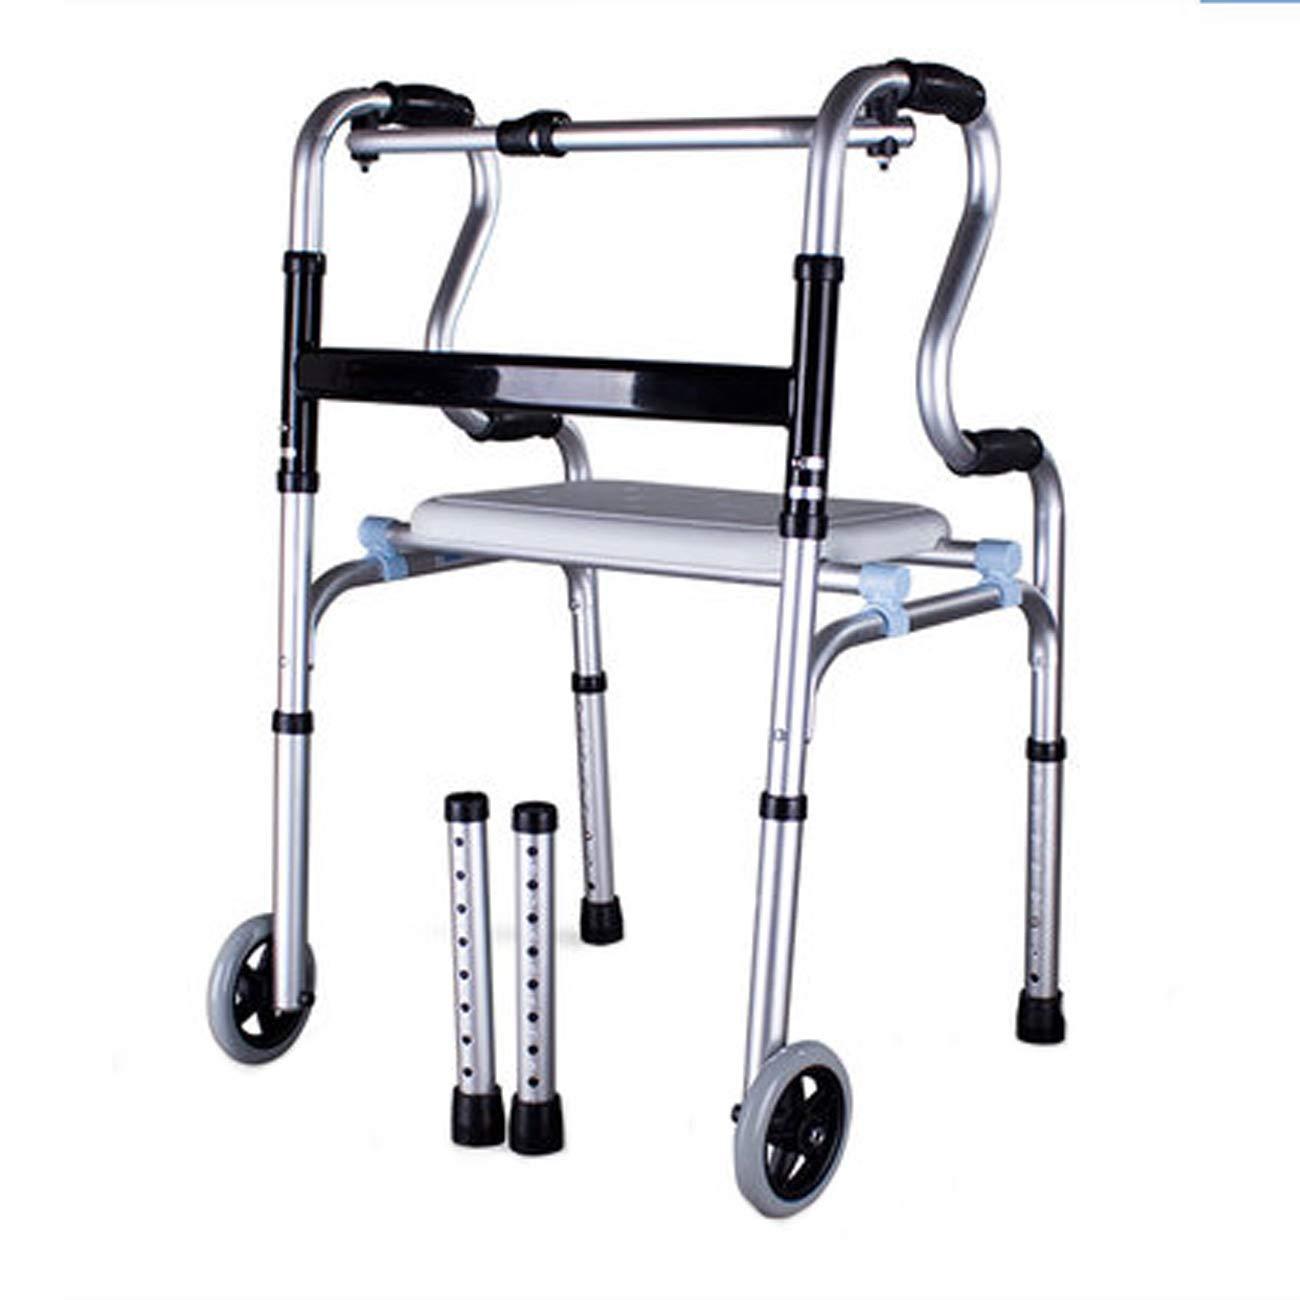 【超新作】 高齢者の歩行器 (設計、アルミニウム合金ウォーキングウォーカー B)、2キャスター補助歩行者、マルチスタイルのオプションを運ぶ (設計 B : B) B B07L4R422Y, 大人気新作:9be2475e --- a0267596.xsph.ru